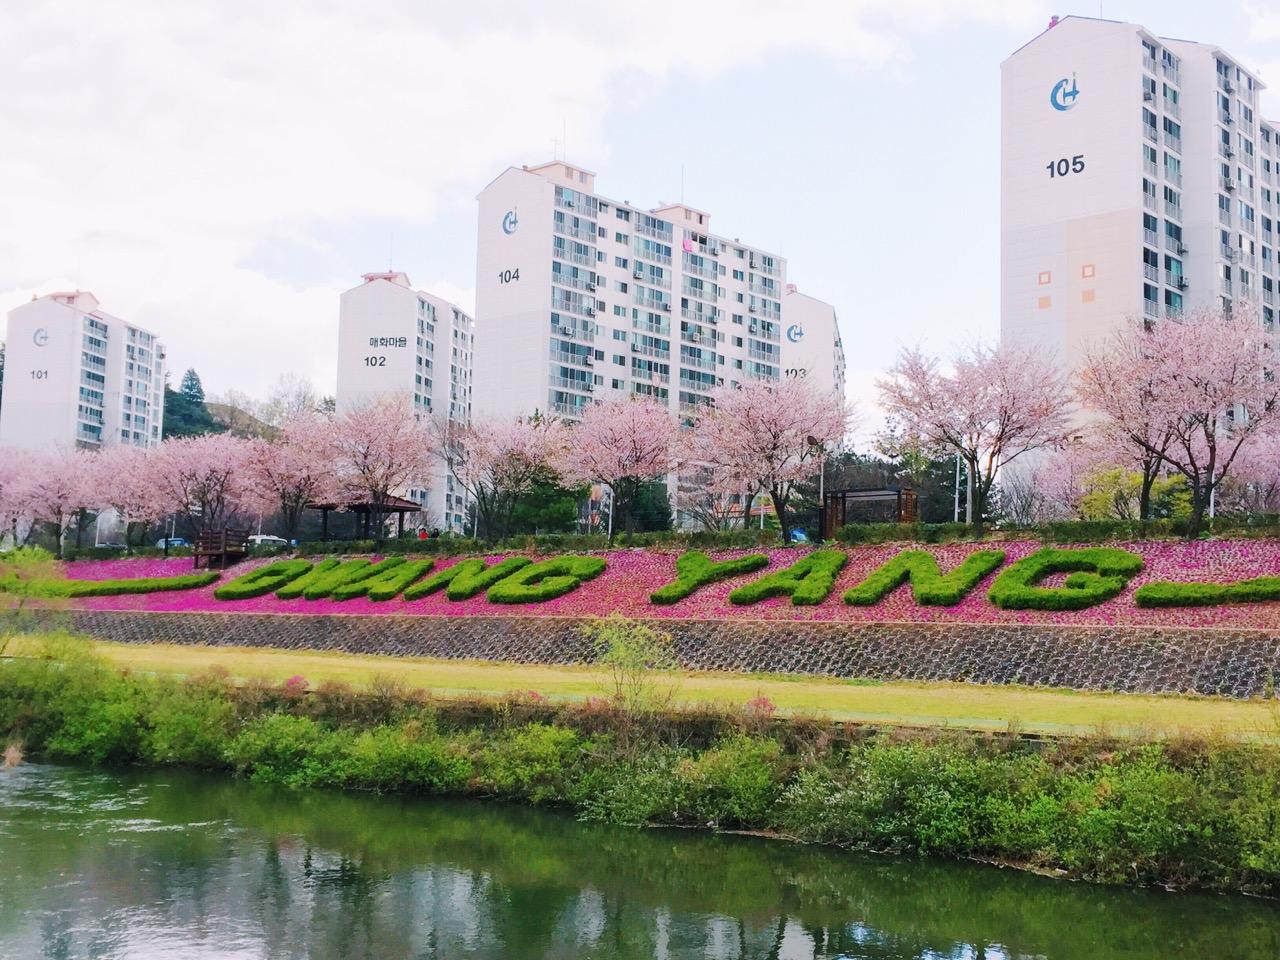 050_Gwang Yang